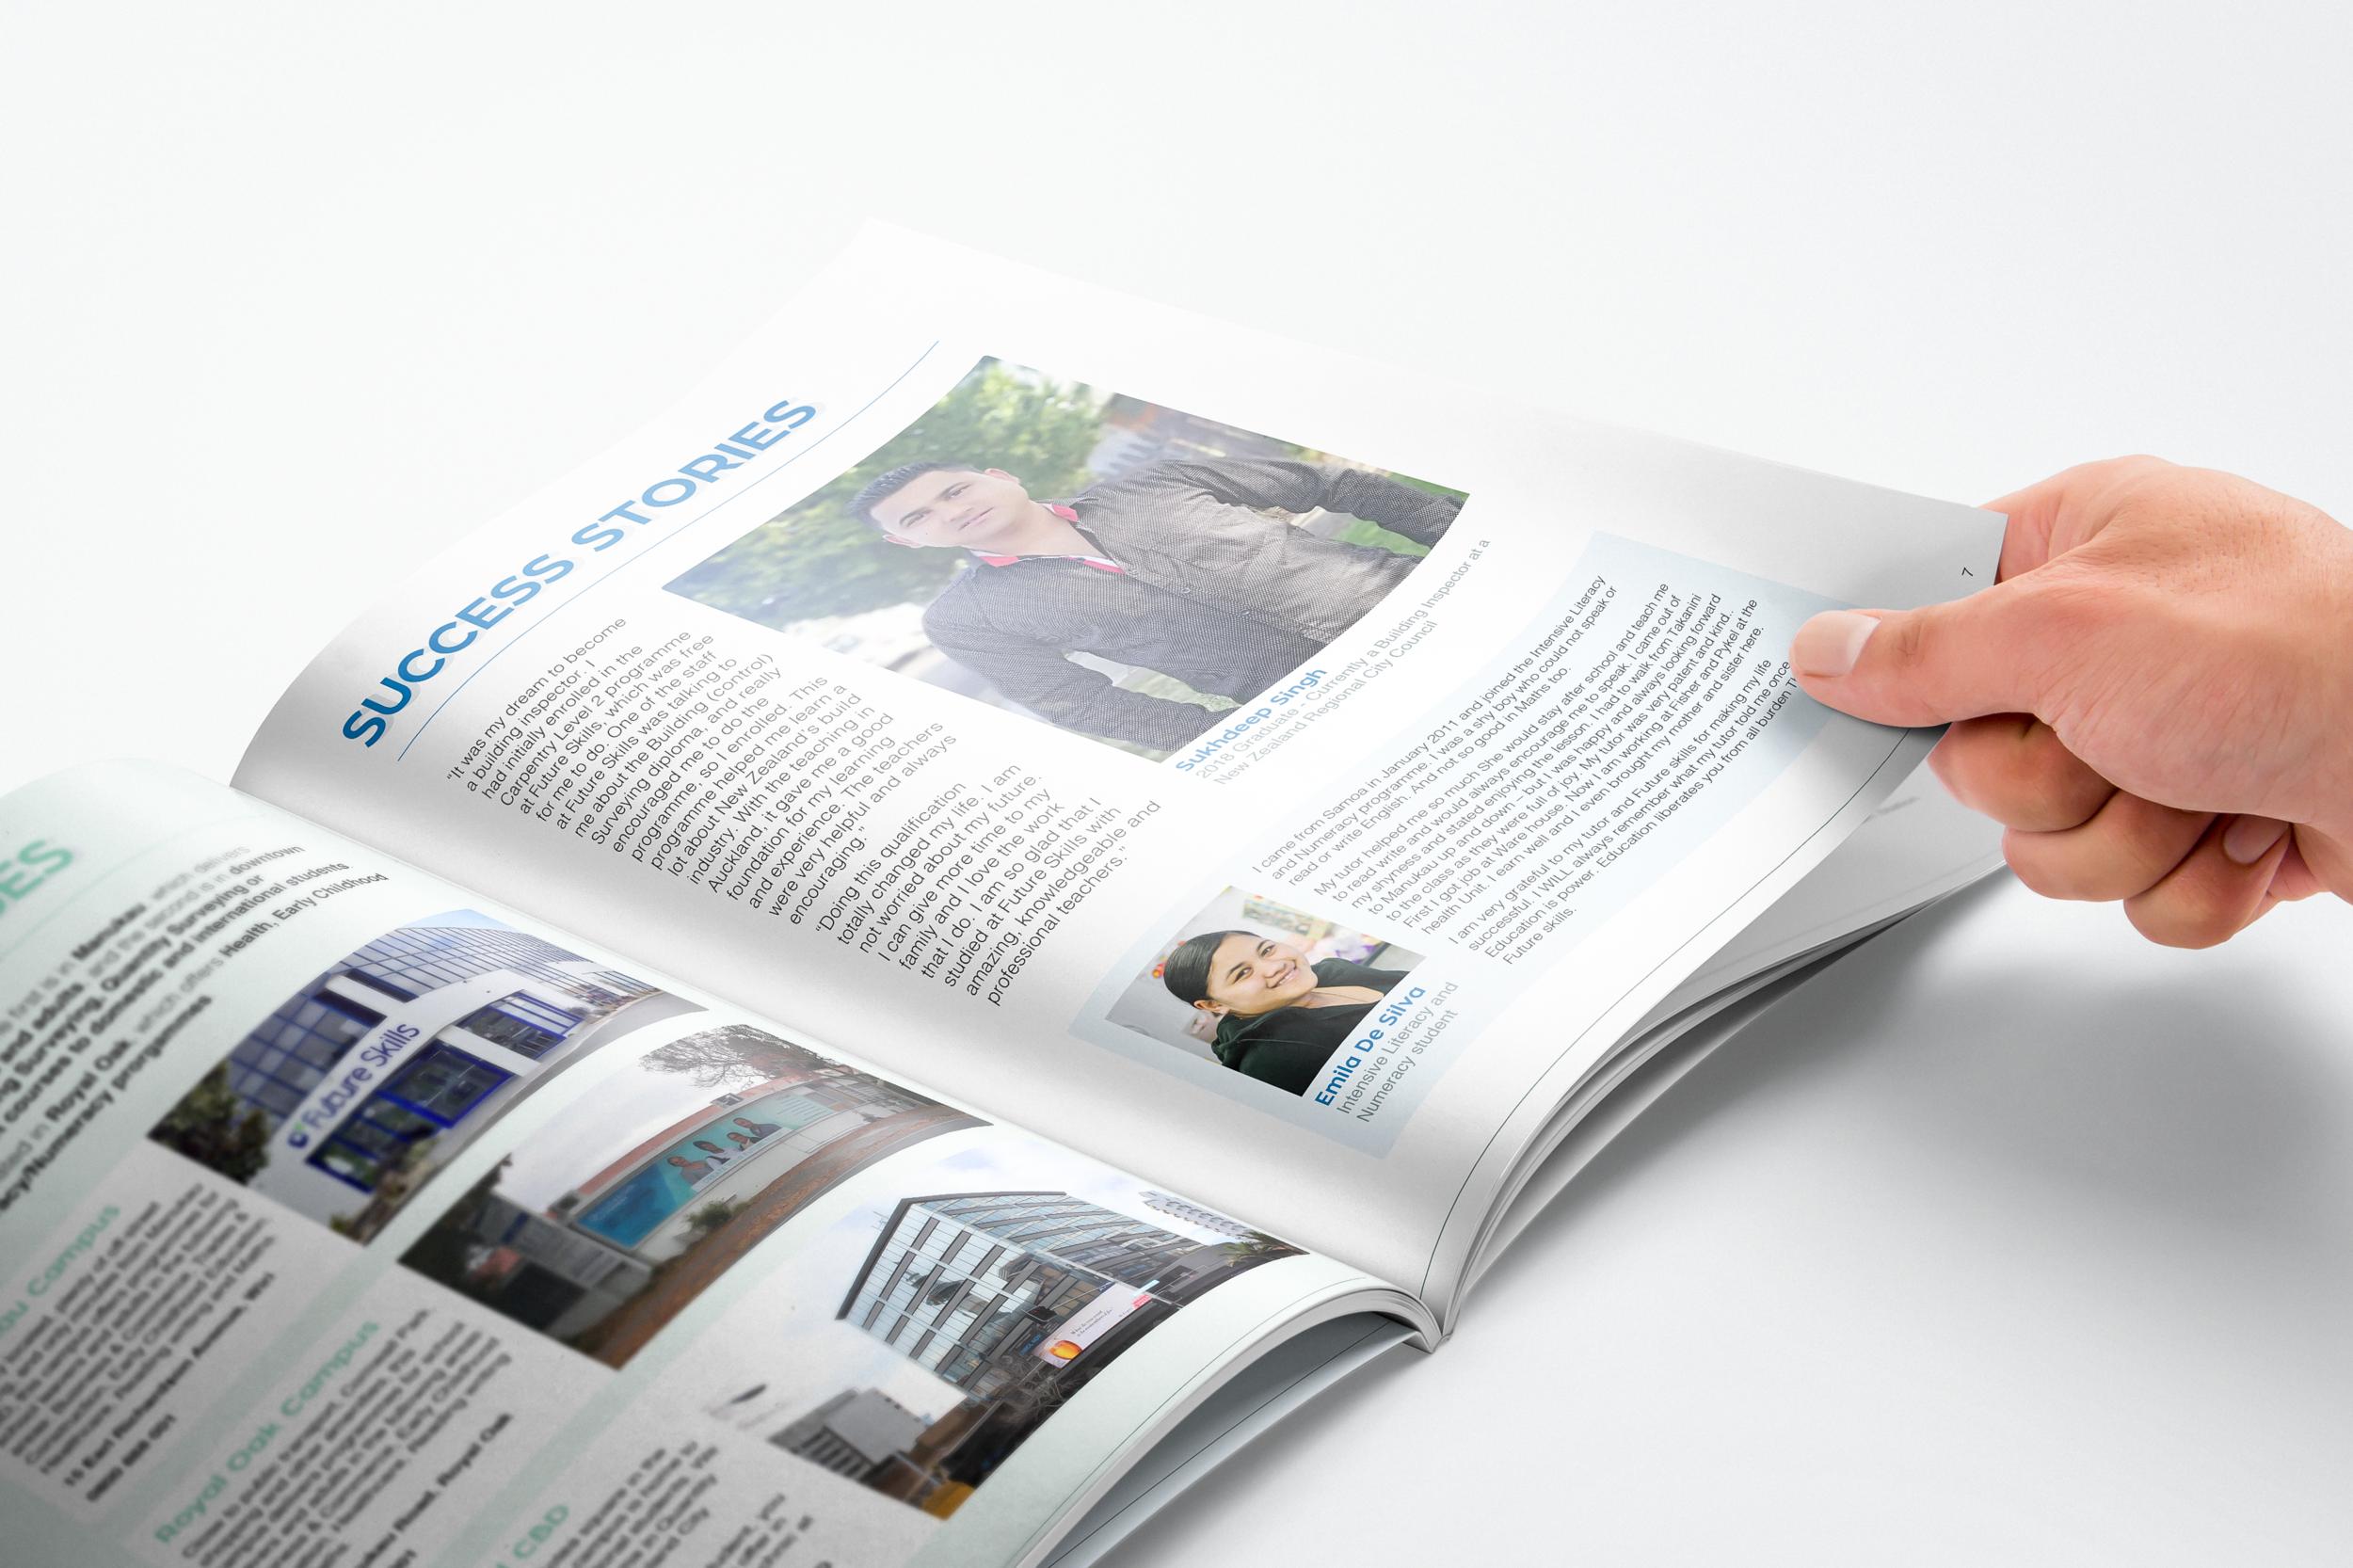 Hand flipping through open brochure